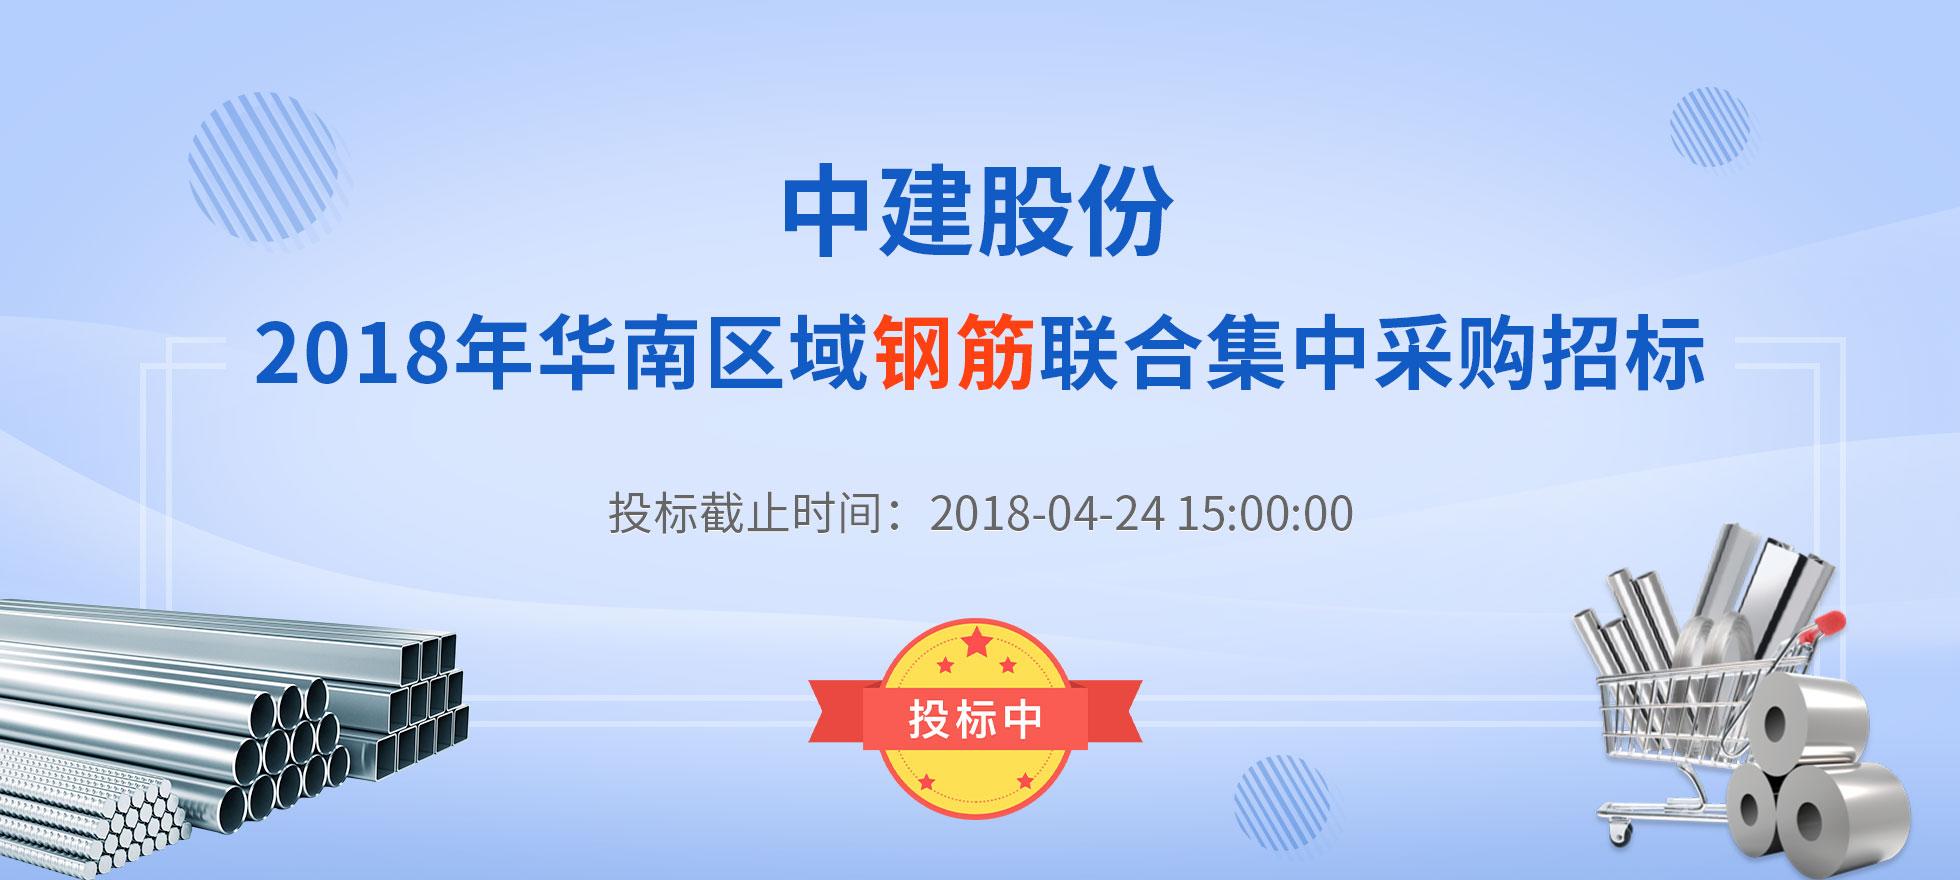 2018年华南区域钢筋联合集中采购招标